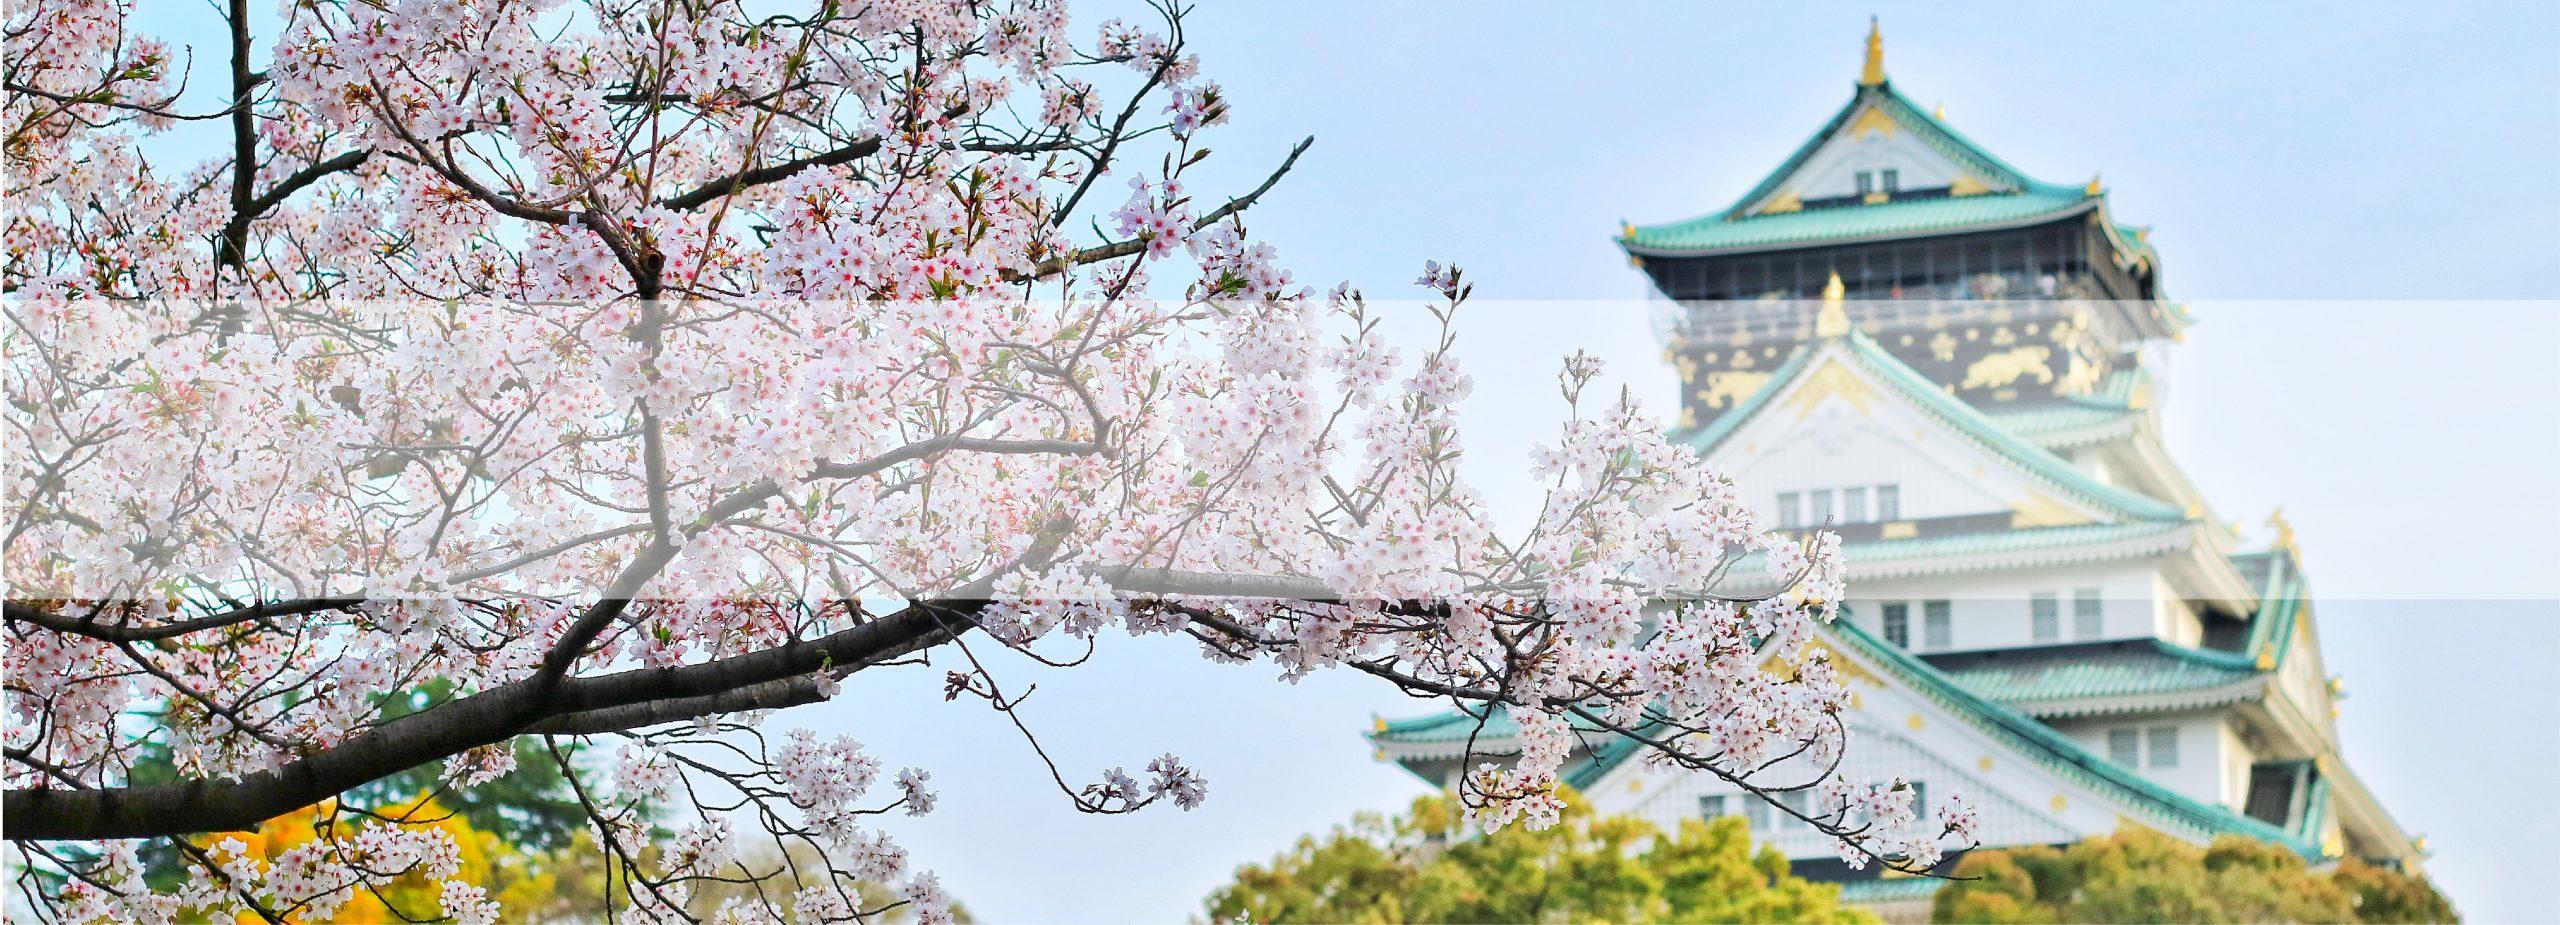 Du lịch Nhật Bản - Bluetour